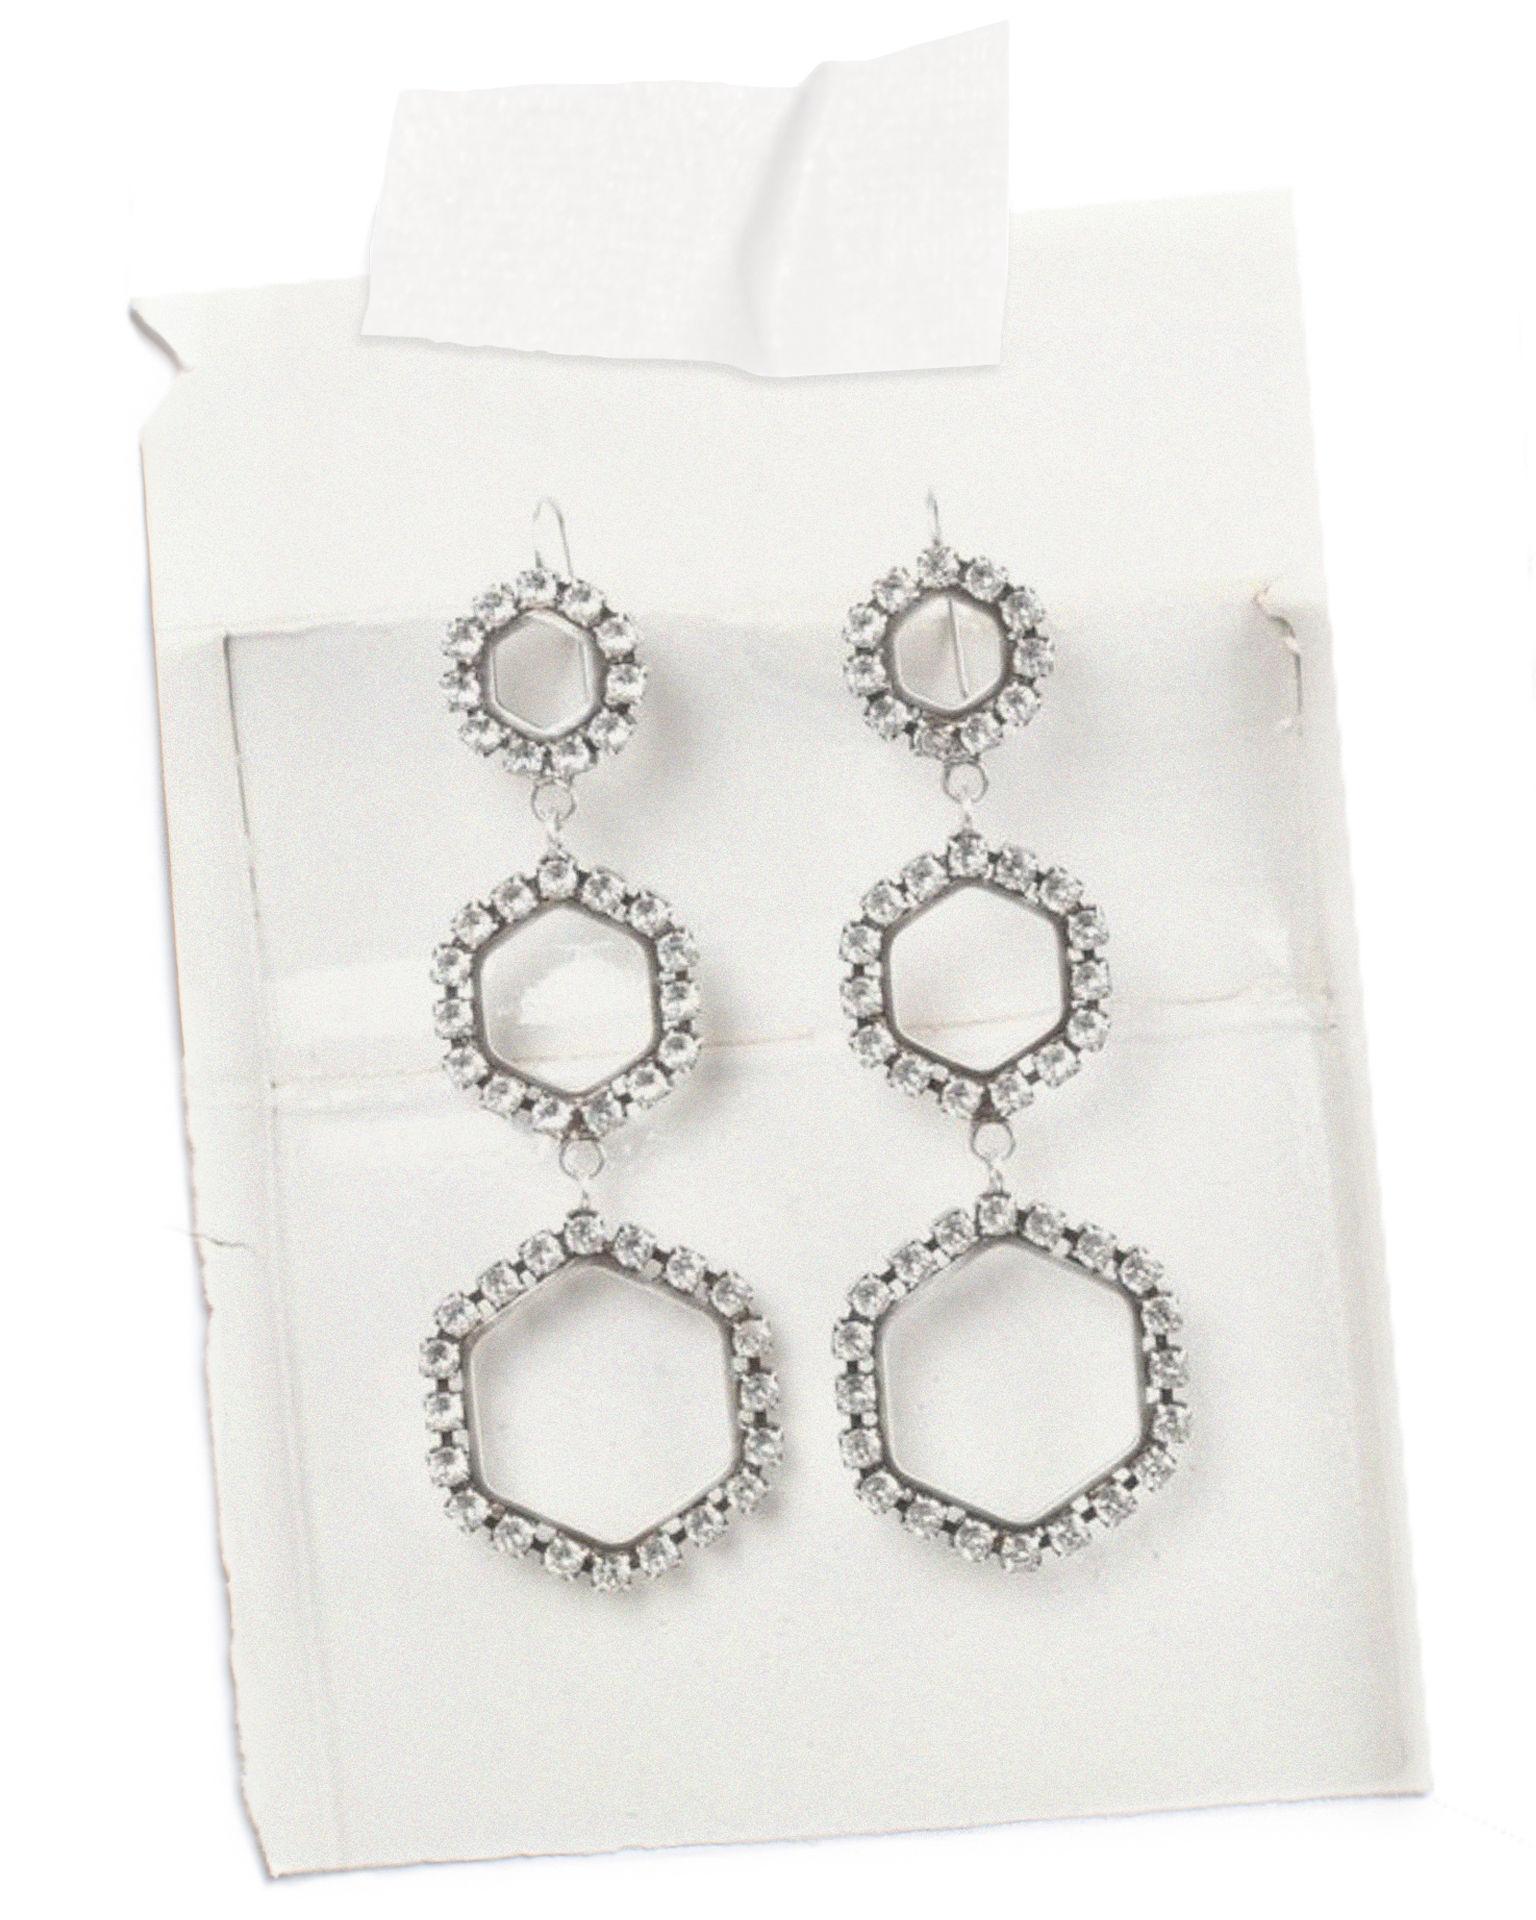 HERE IT IS long earrings